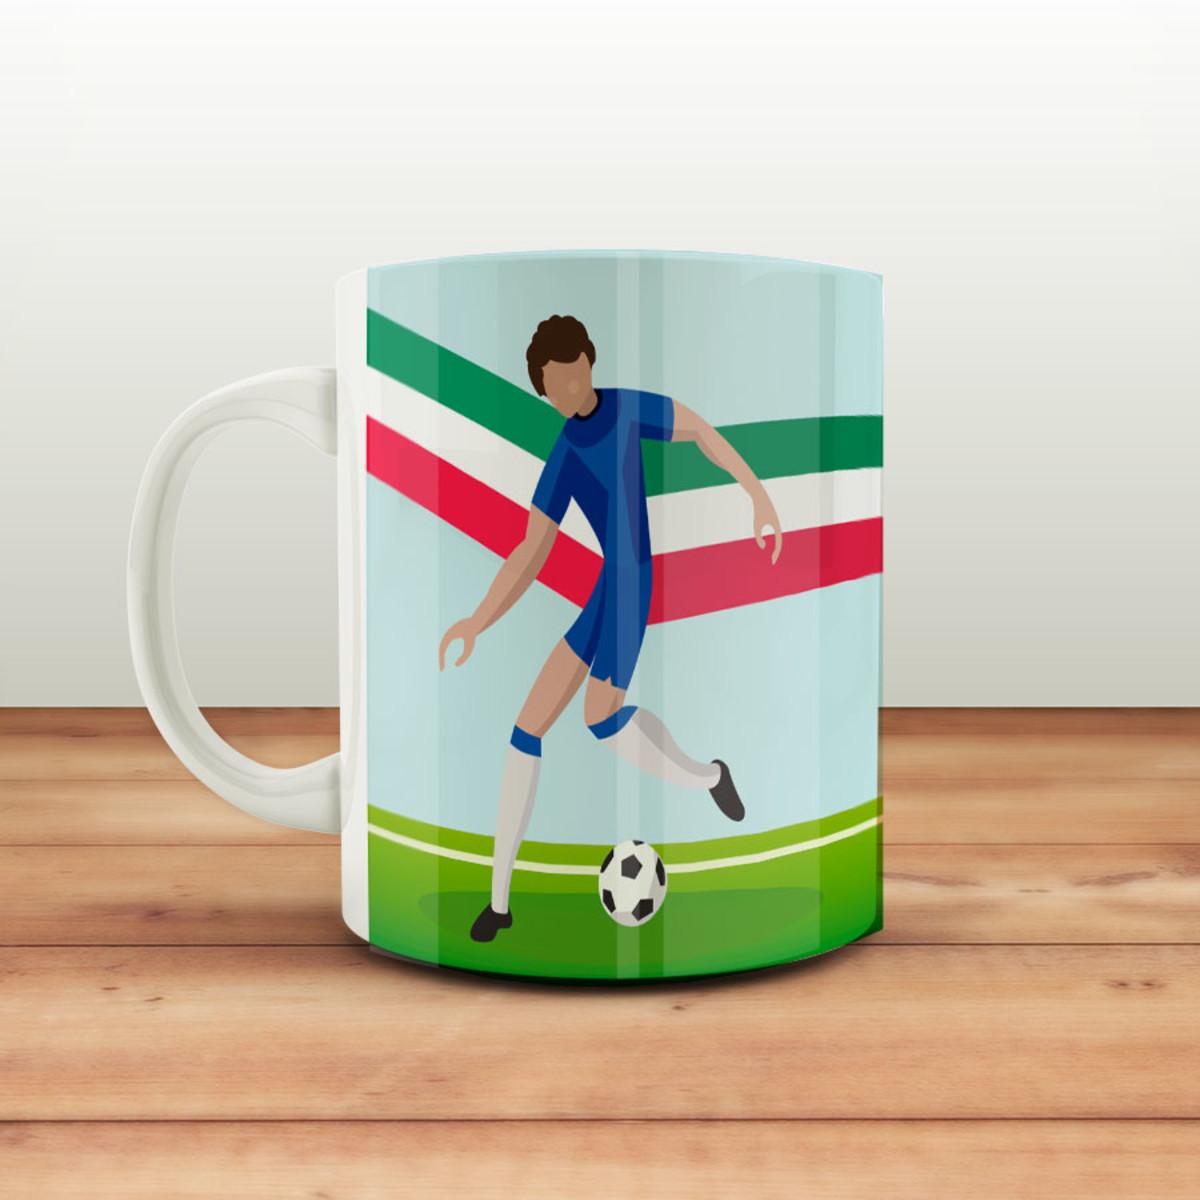 bdeaba5cca1 Caneca Copa do Mundo - Itália Tetra no Elo7